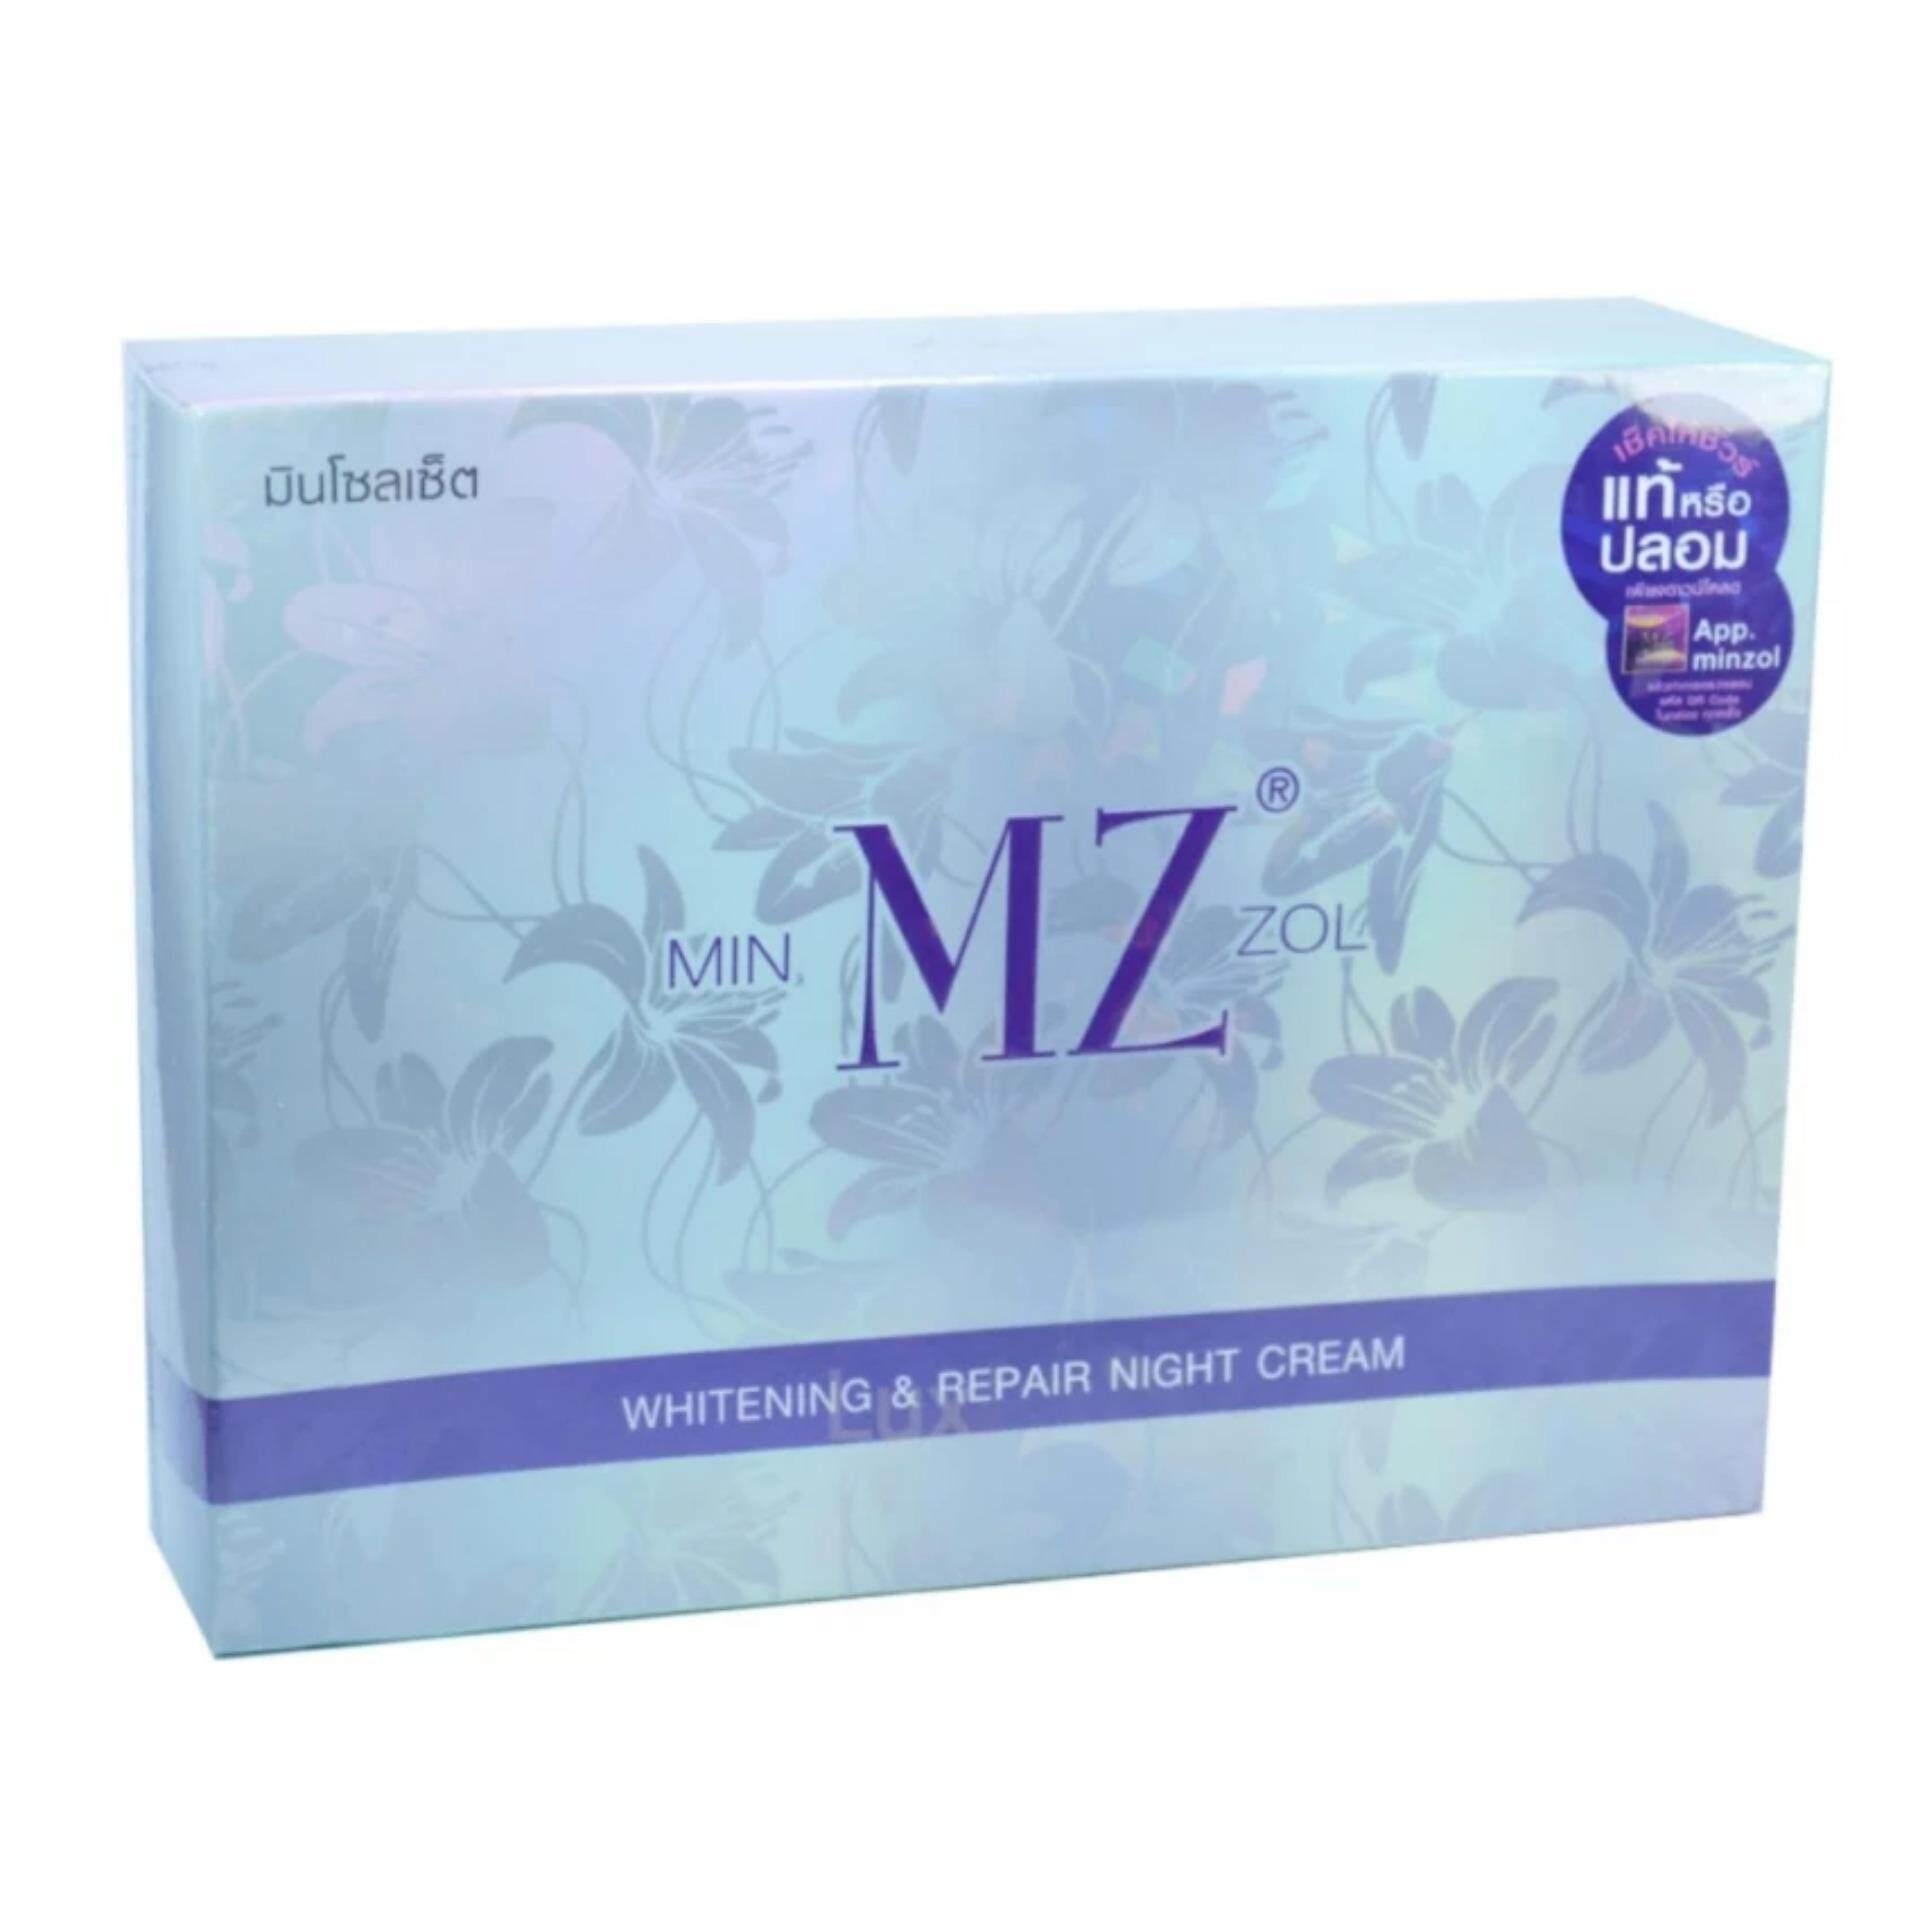 Sale MinZol ครีมมินโซว หน้าขาว กระจ่างใส ไร้สิว (ของแท้100%) ครีมยอดฮิตของวัยรุ่น